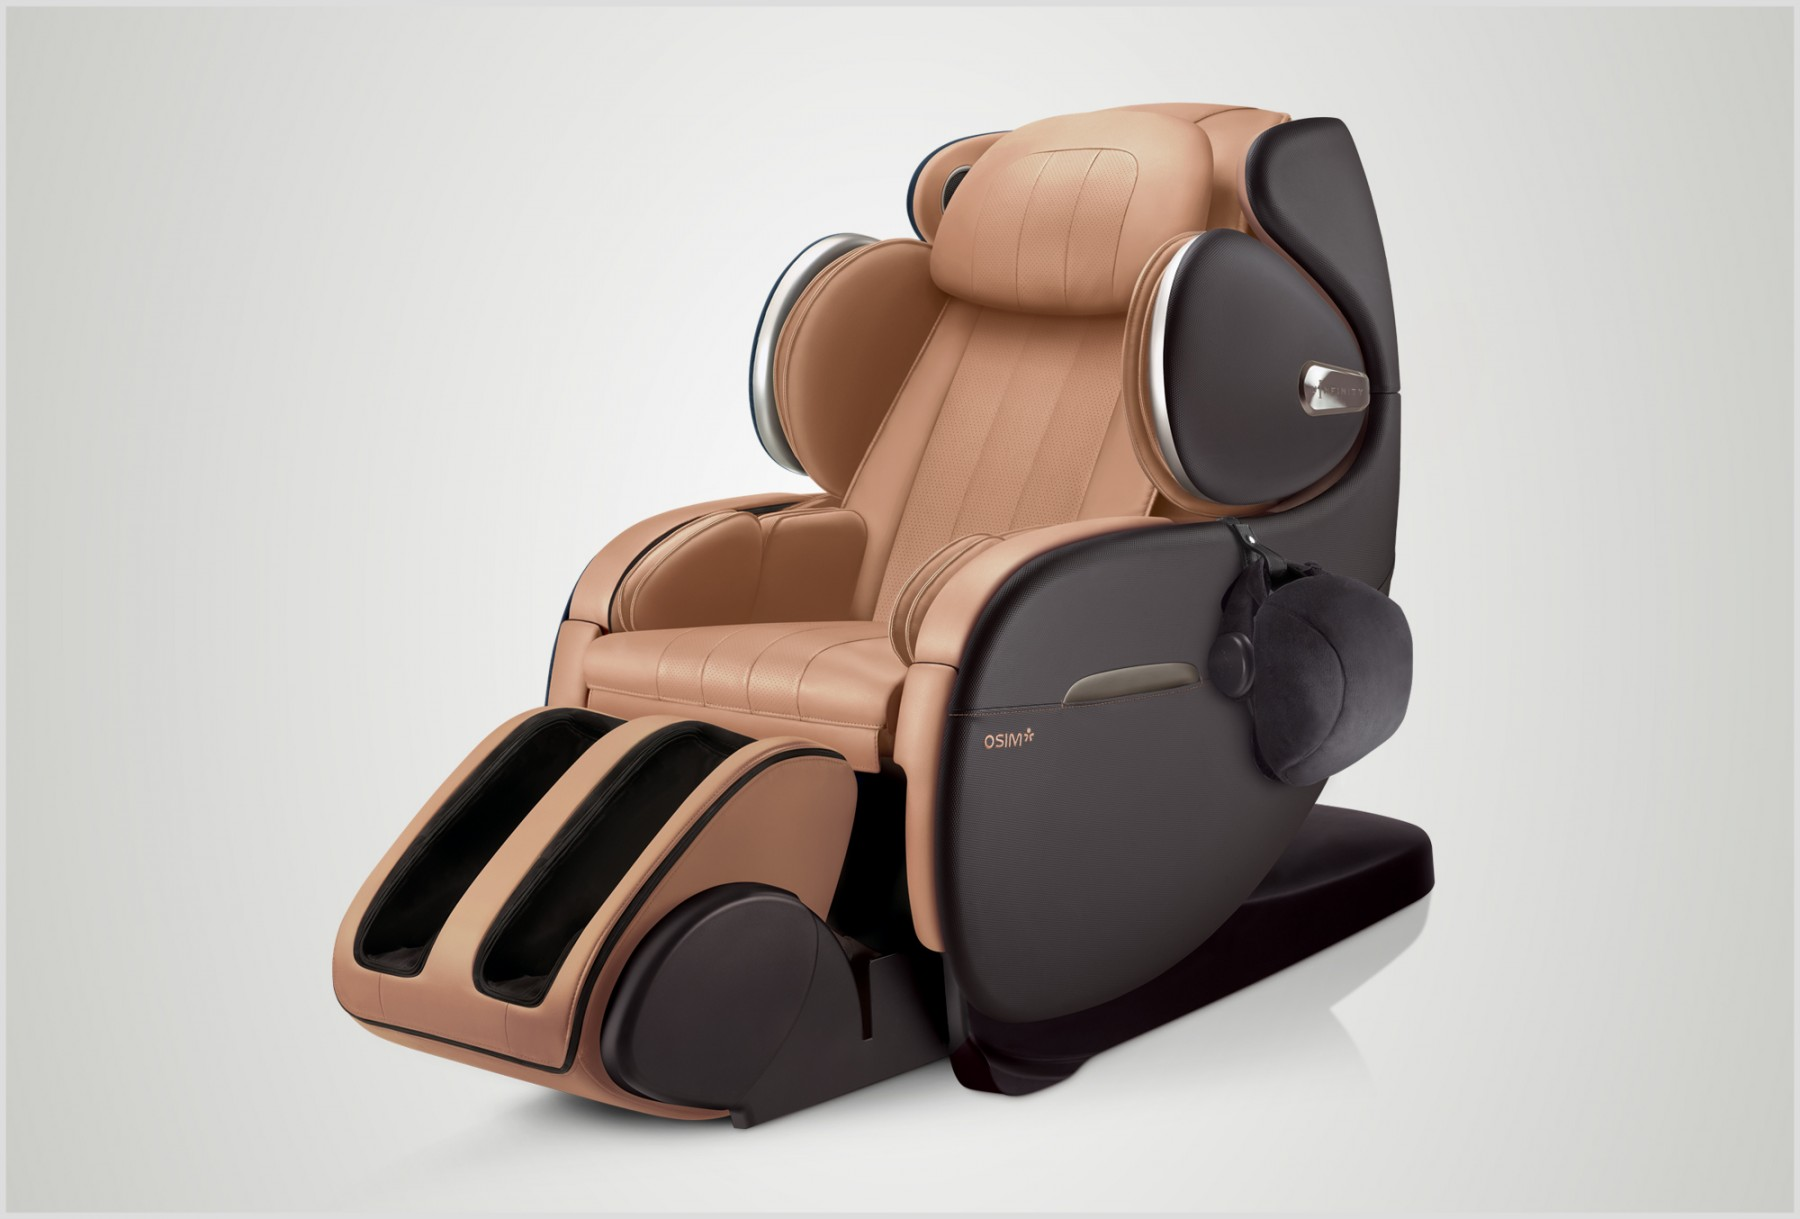 Osim webshop osim uinfinity luxe massage chair for Chair massage